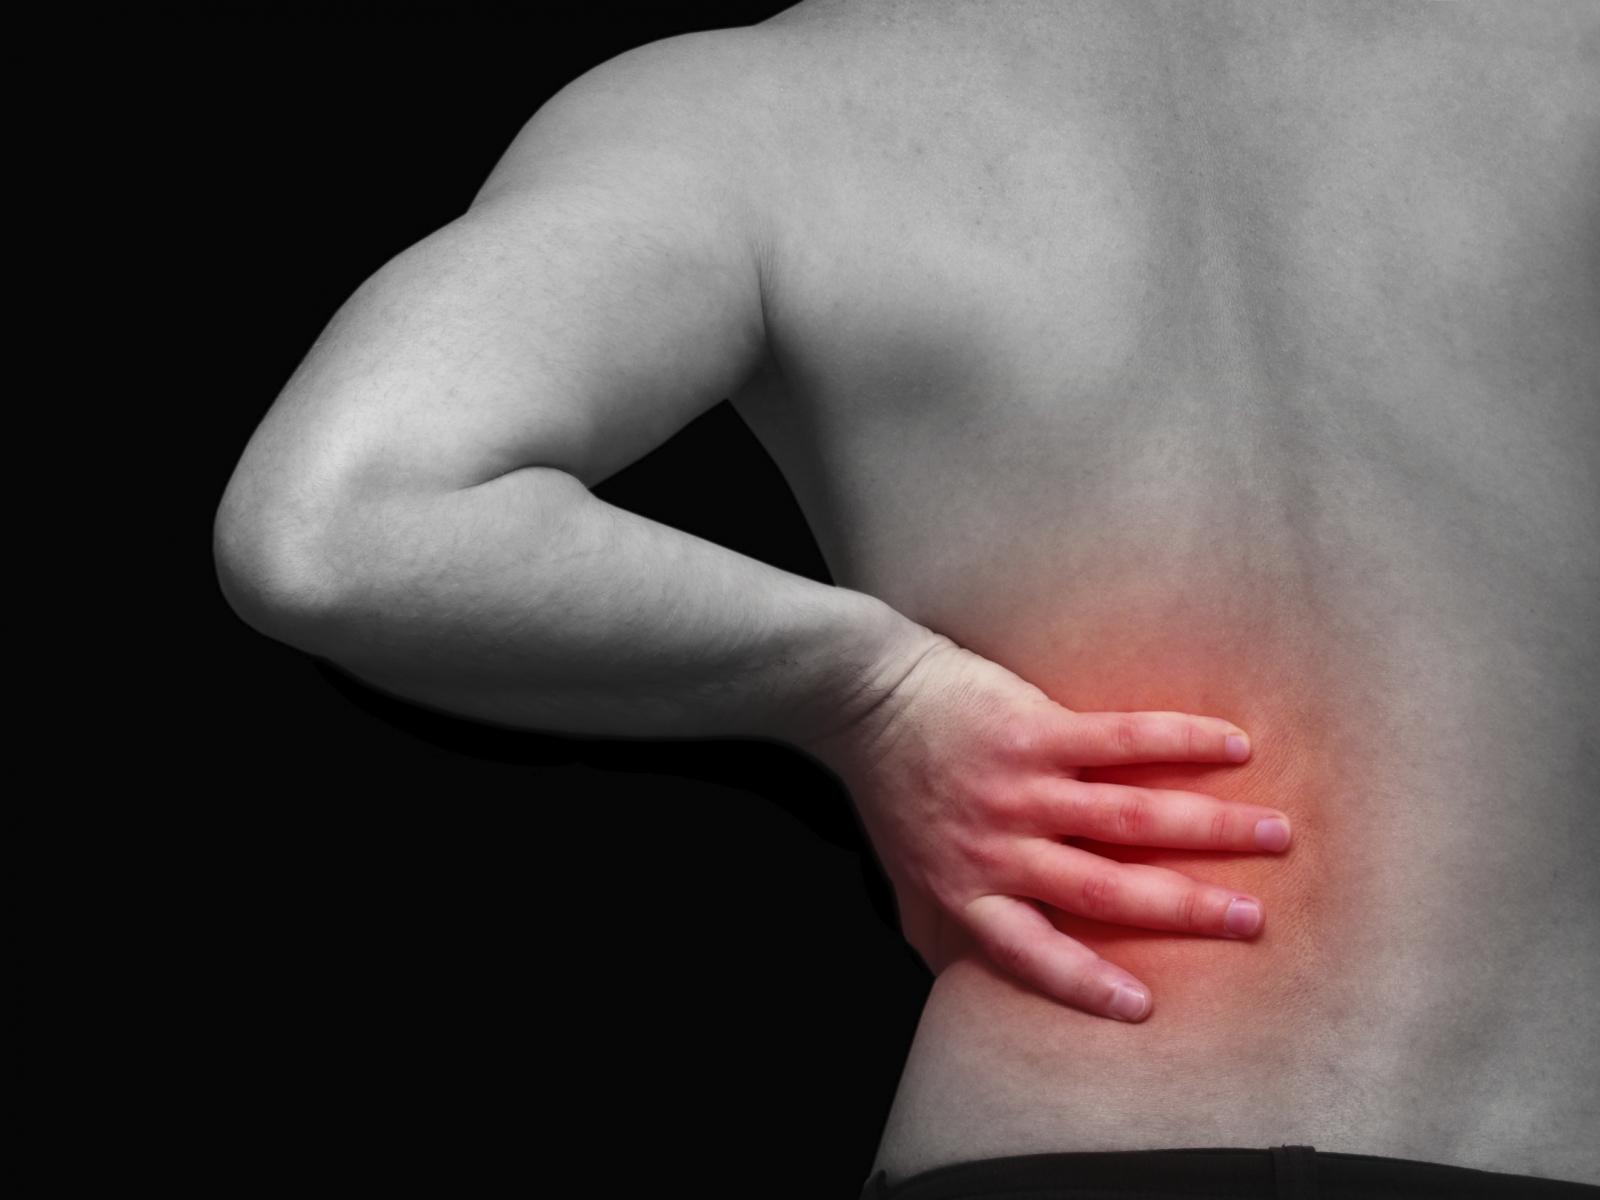 Los dolores en lo bajo del vientre y los riñones por la mañana